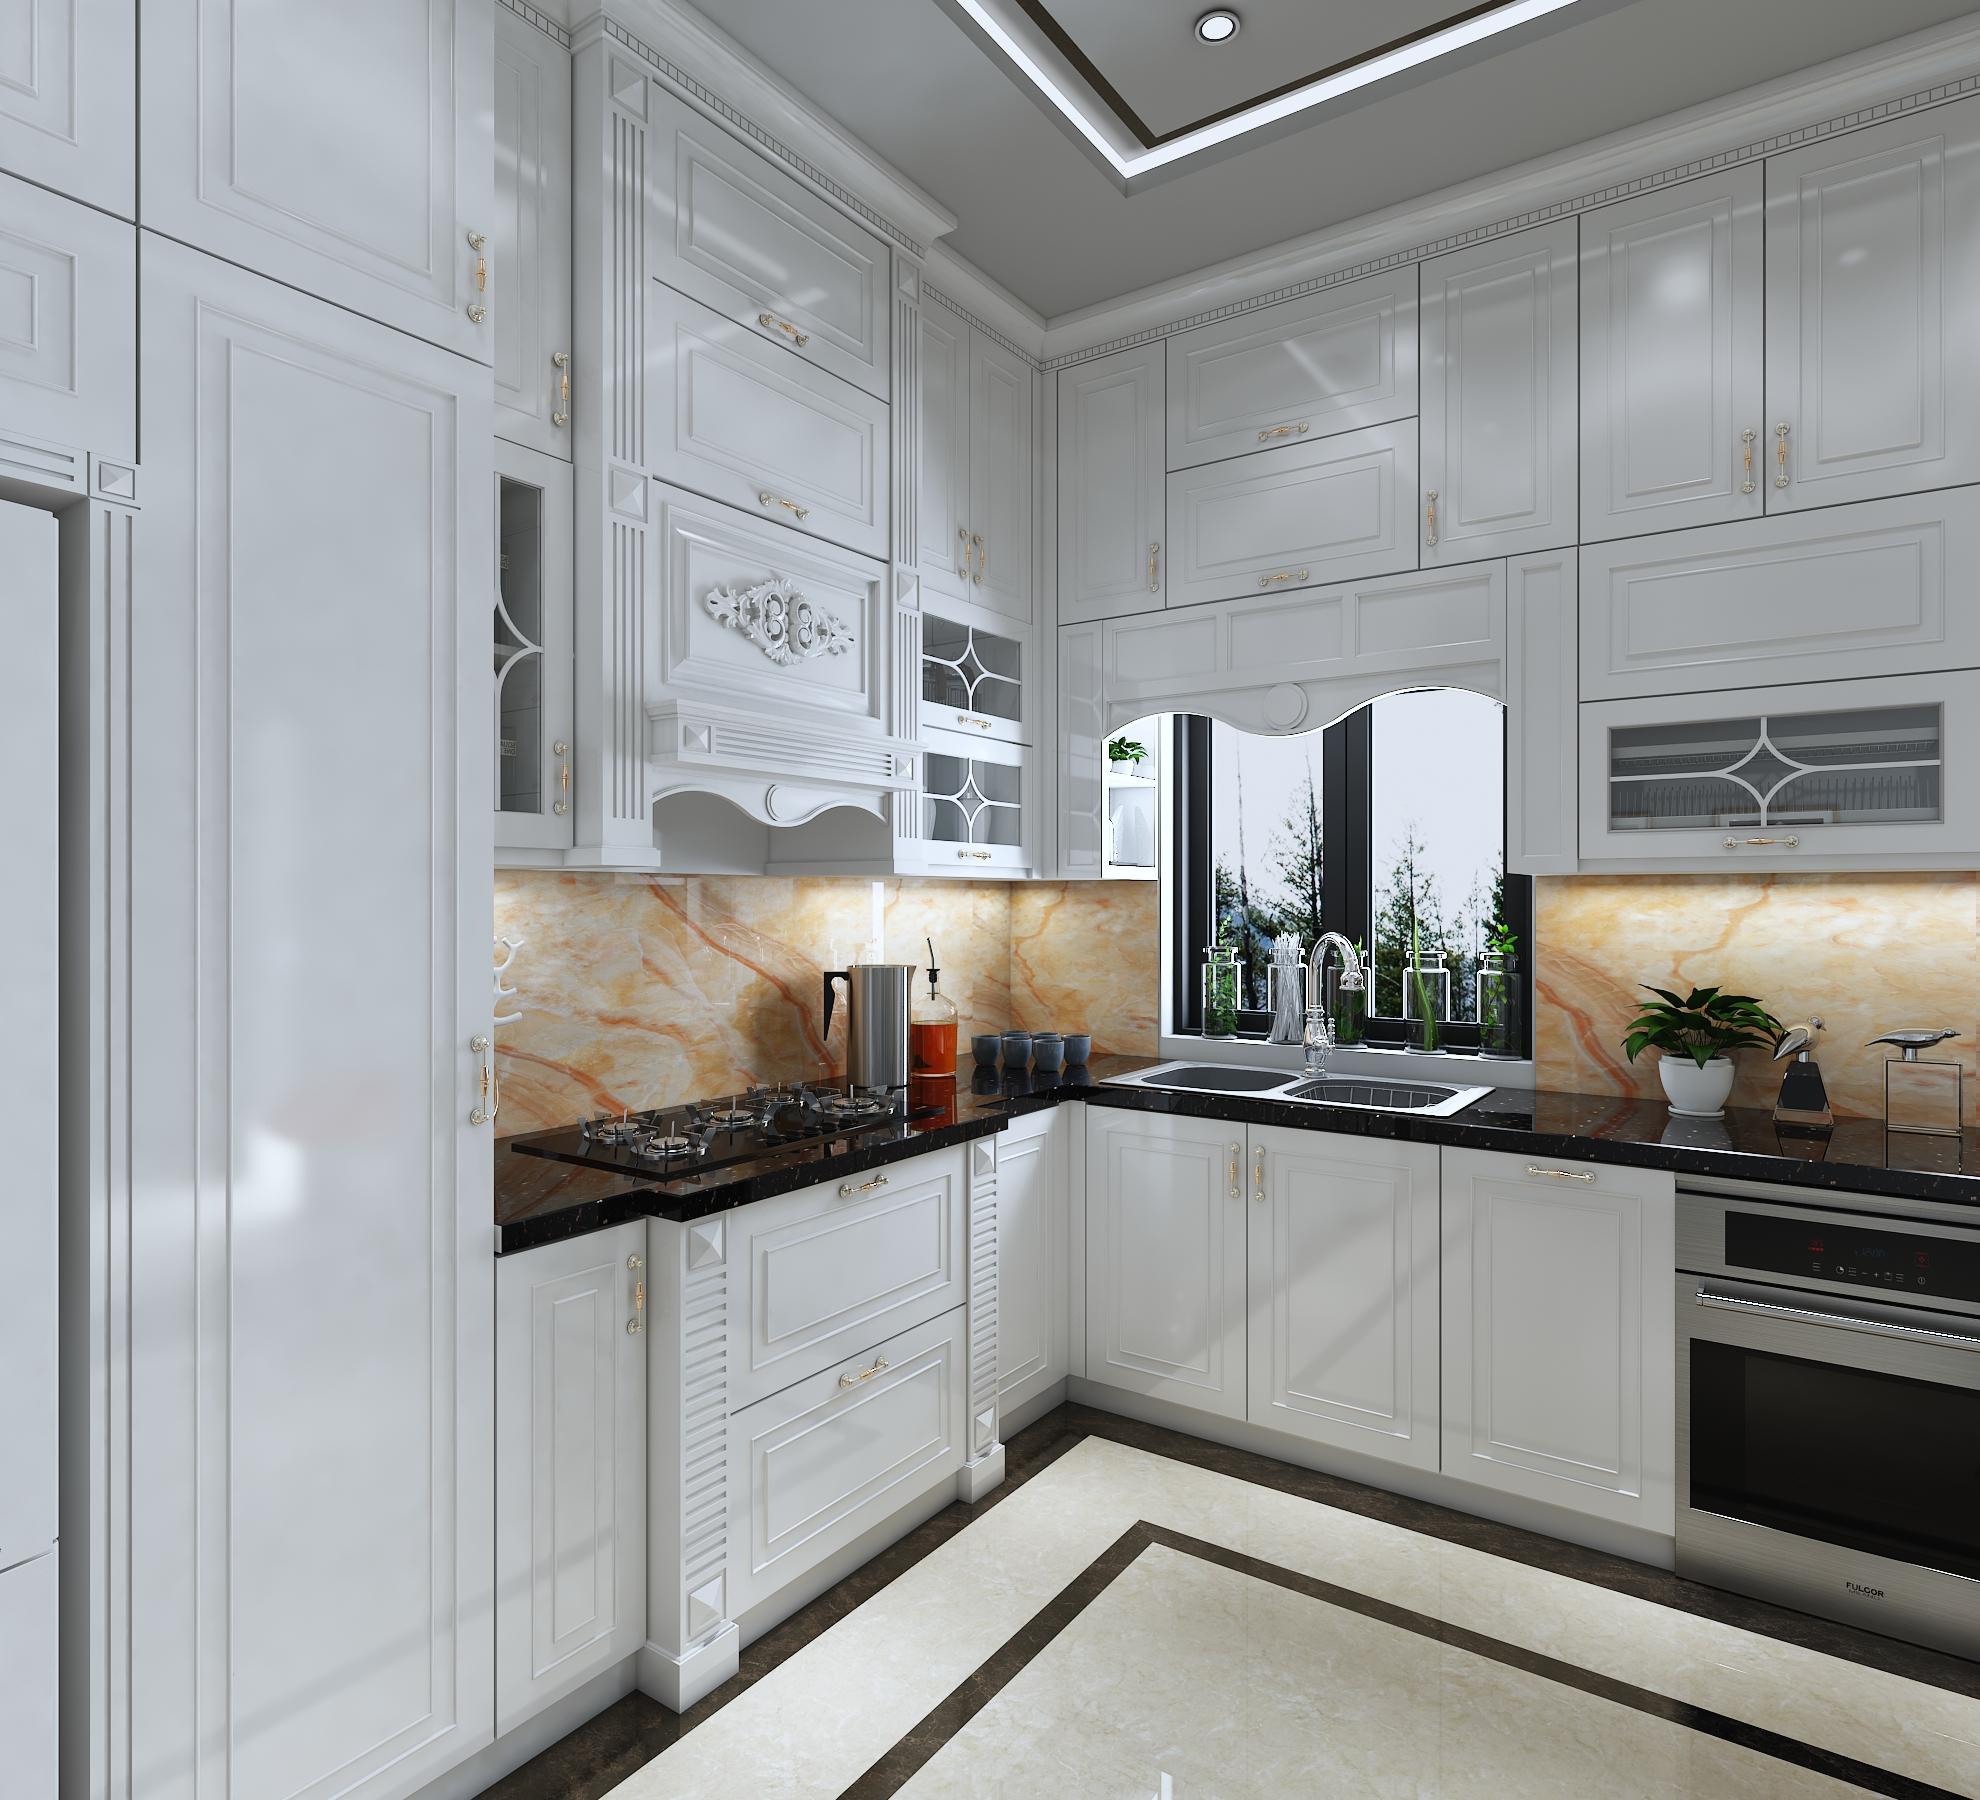 Hình ảnh góc nghiêng của tủ bếp nhà chị Linh Hoàng Huy